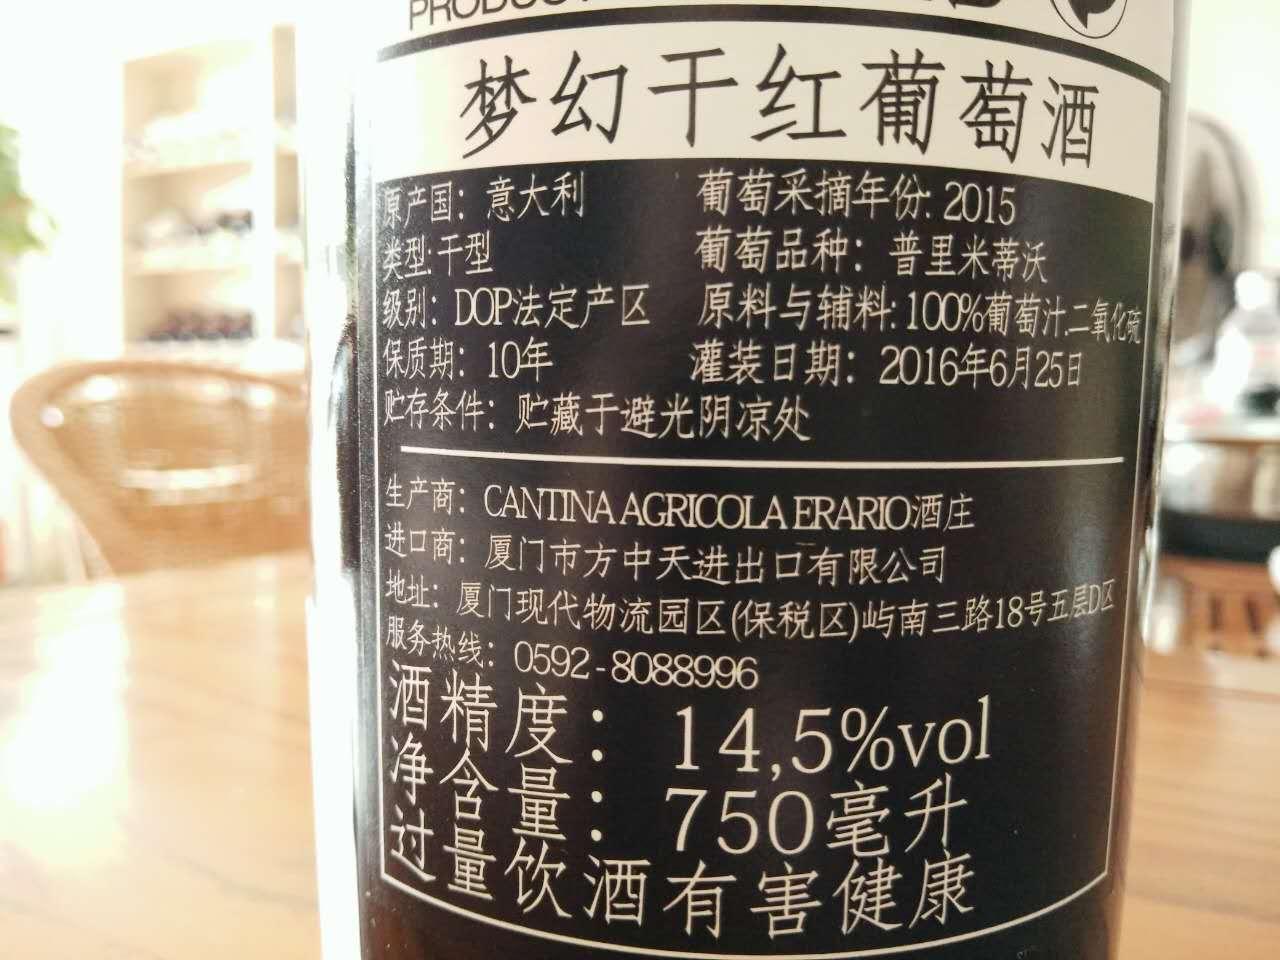 马可干红葡萄酒上哪买比较实惠 意大利马可干红葡萄酒代理